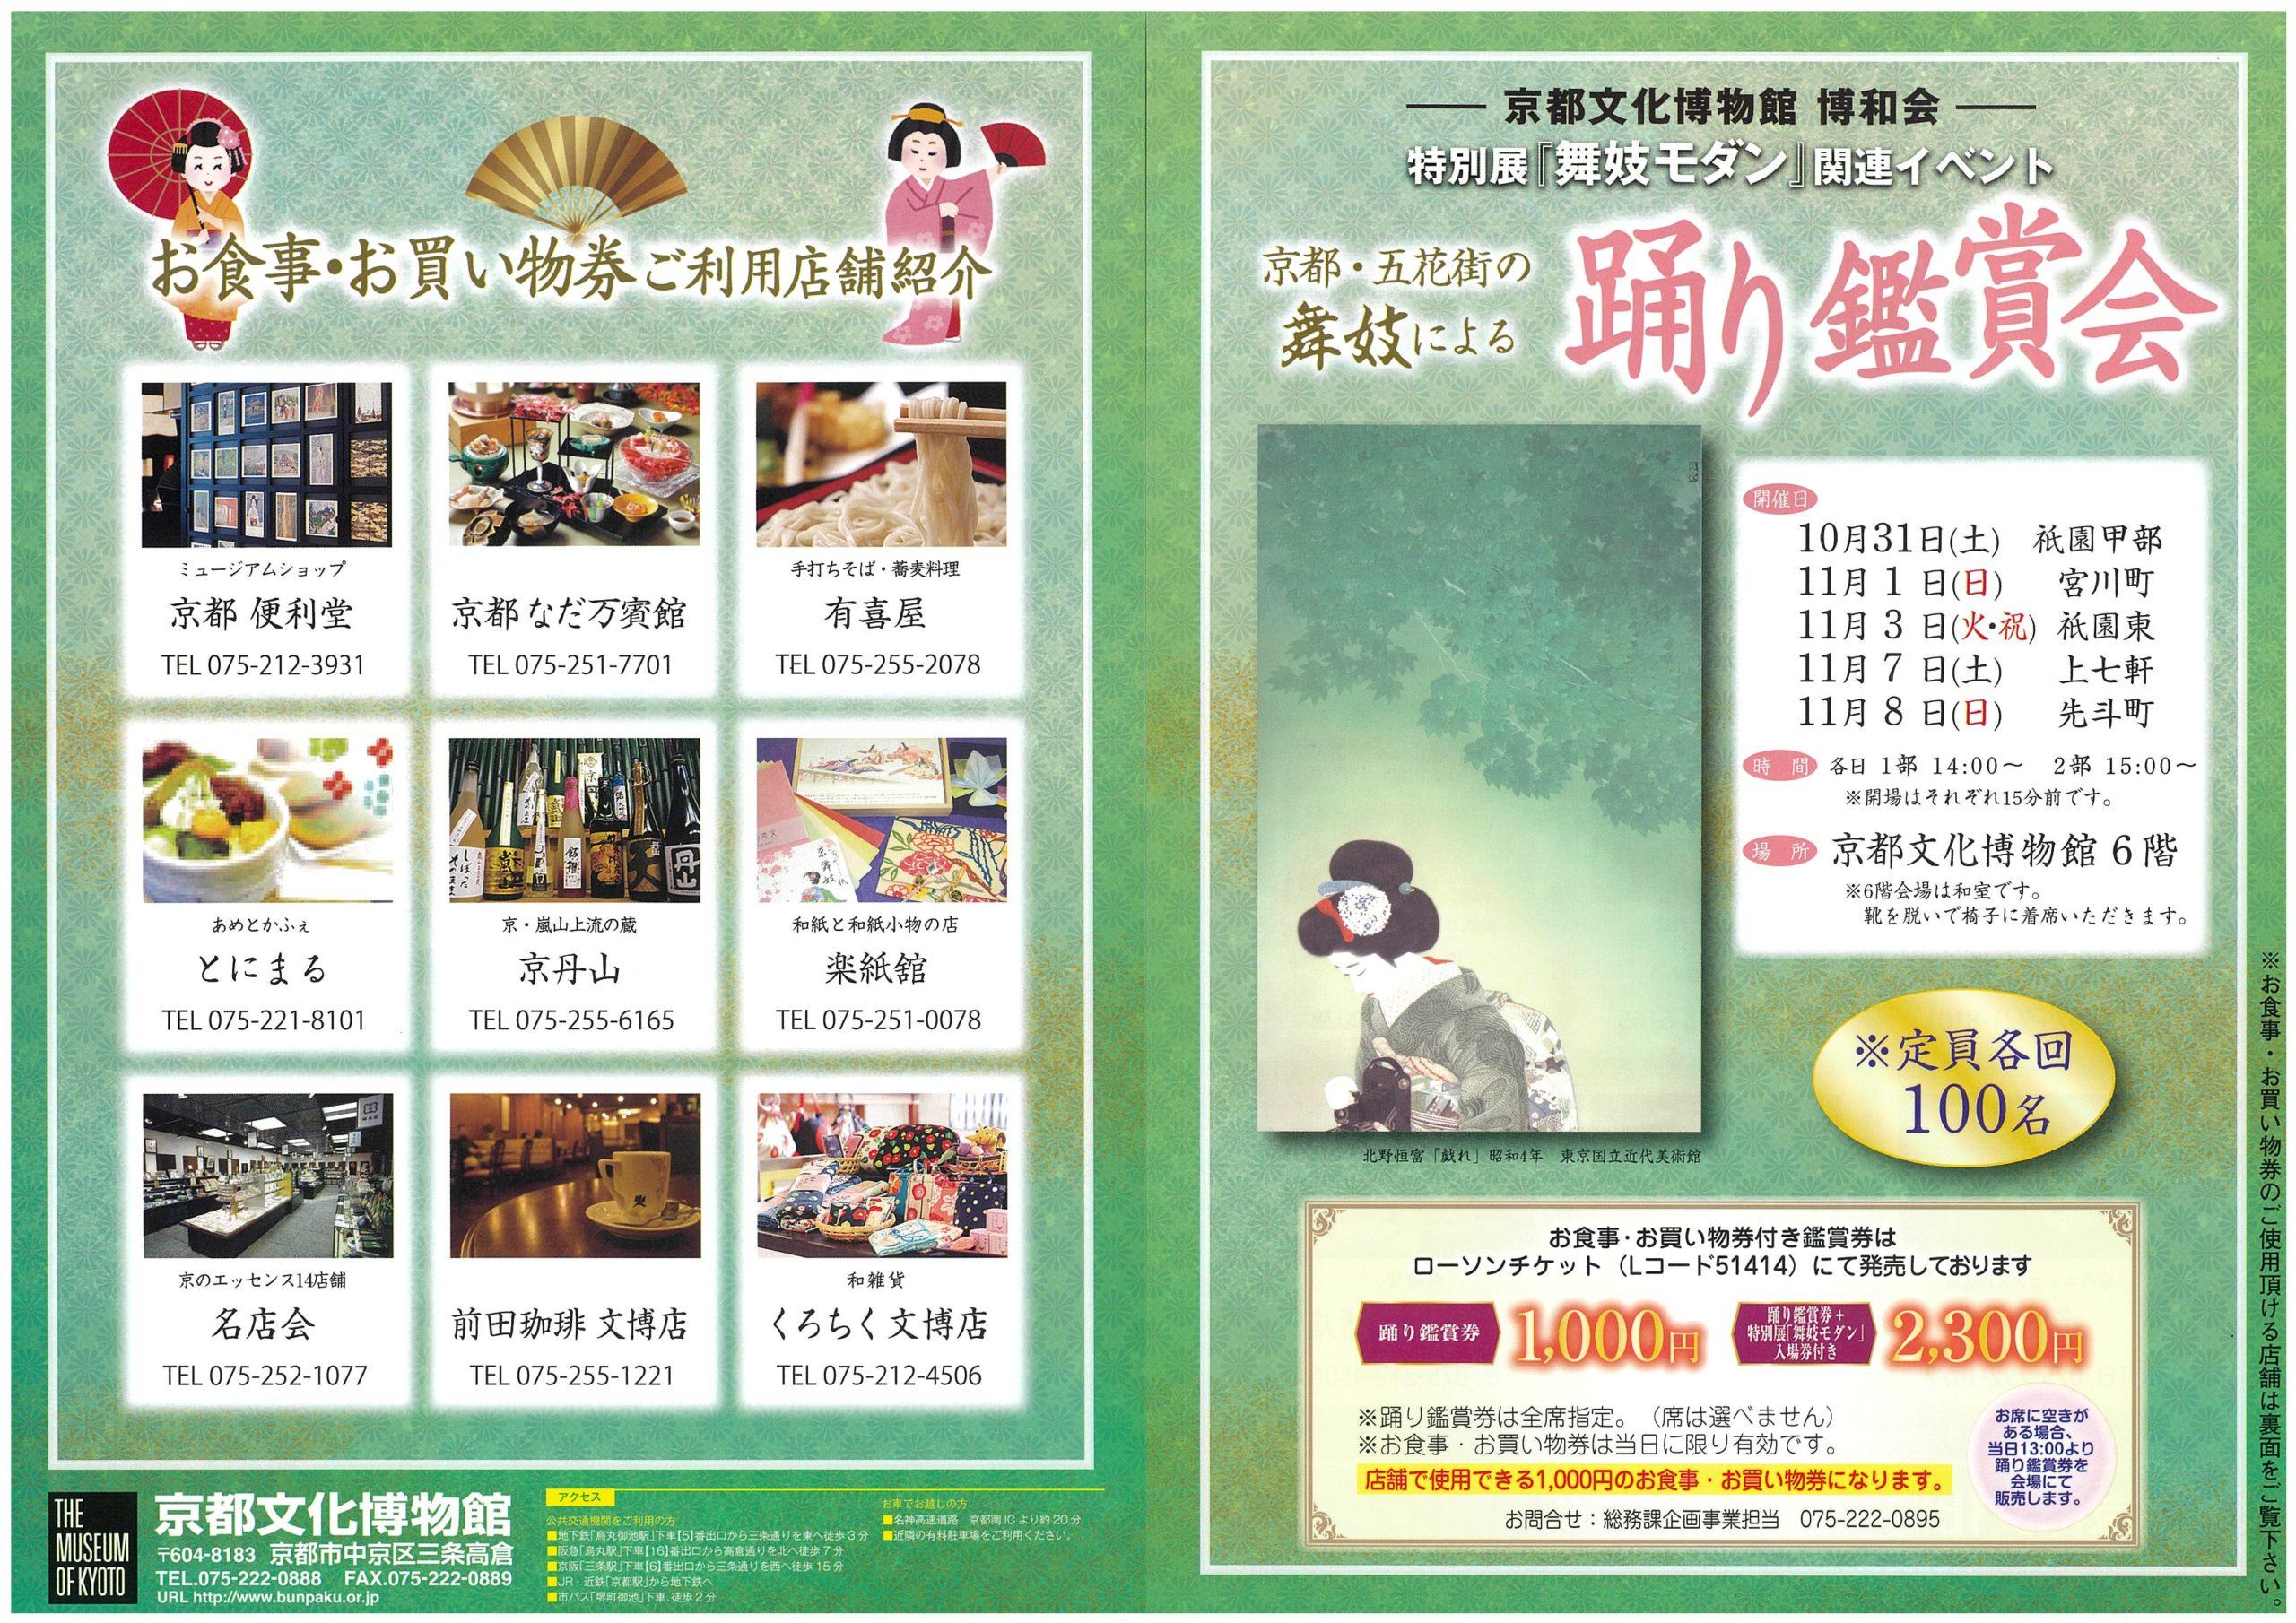 京都・五花街の舞妓による 踊り鑑賞会 京都文化博物館にて開催